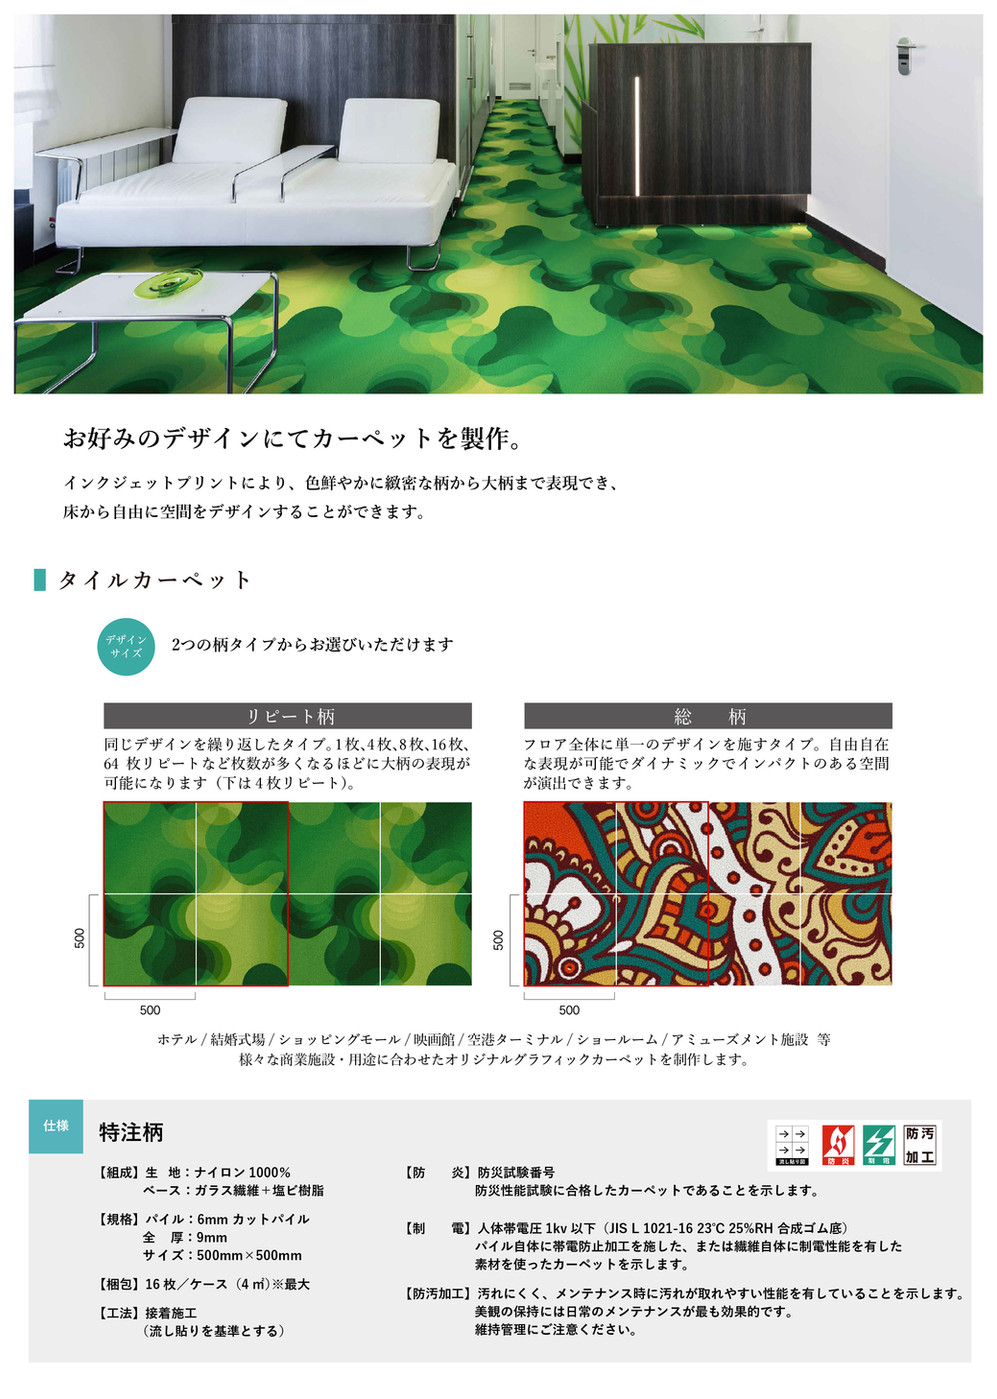 プリントカーペット0529_1n.jpg